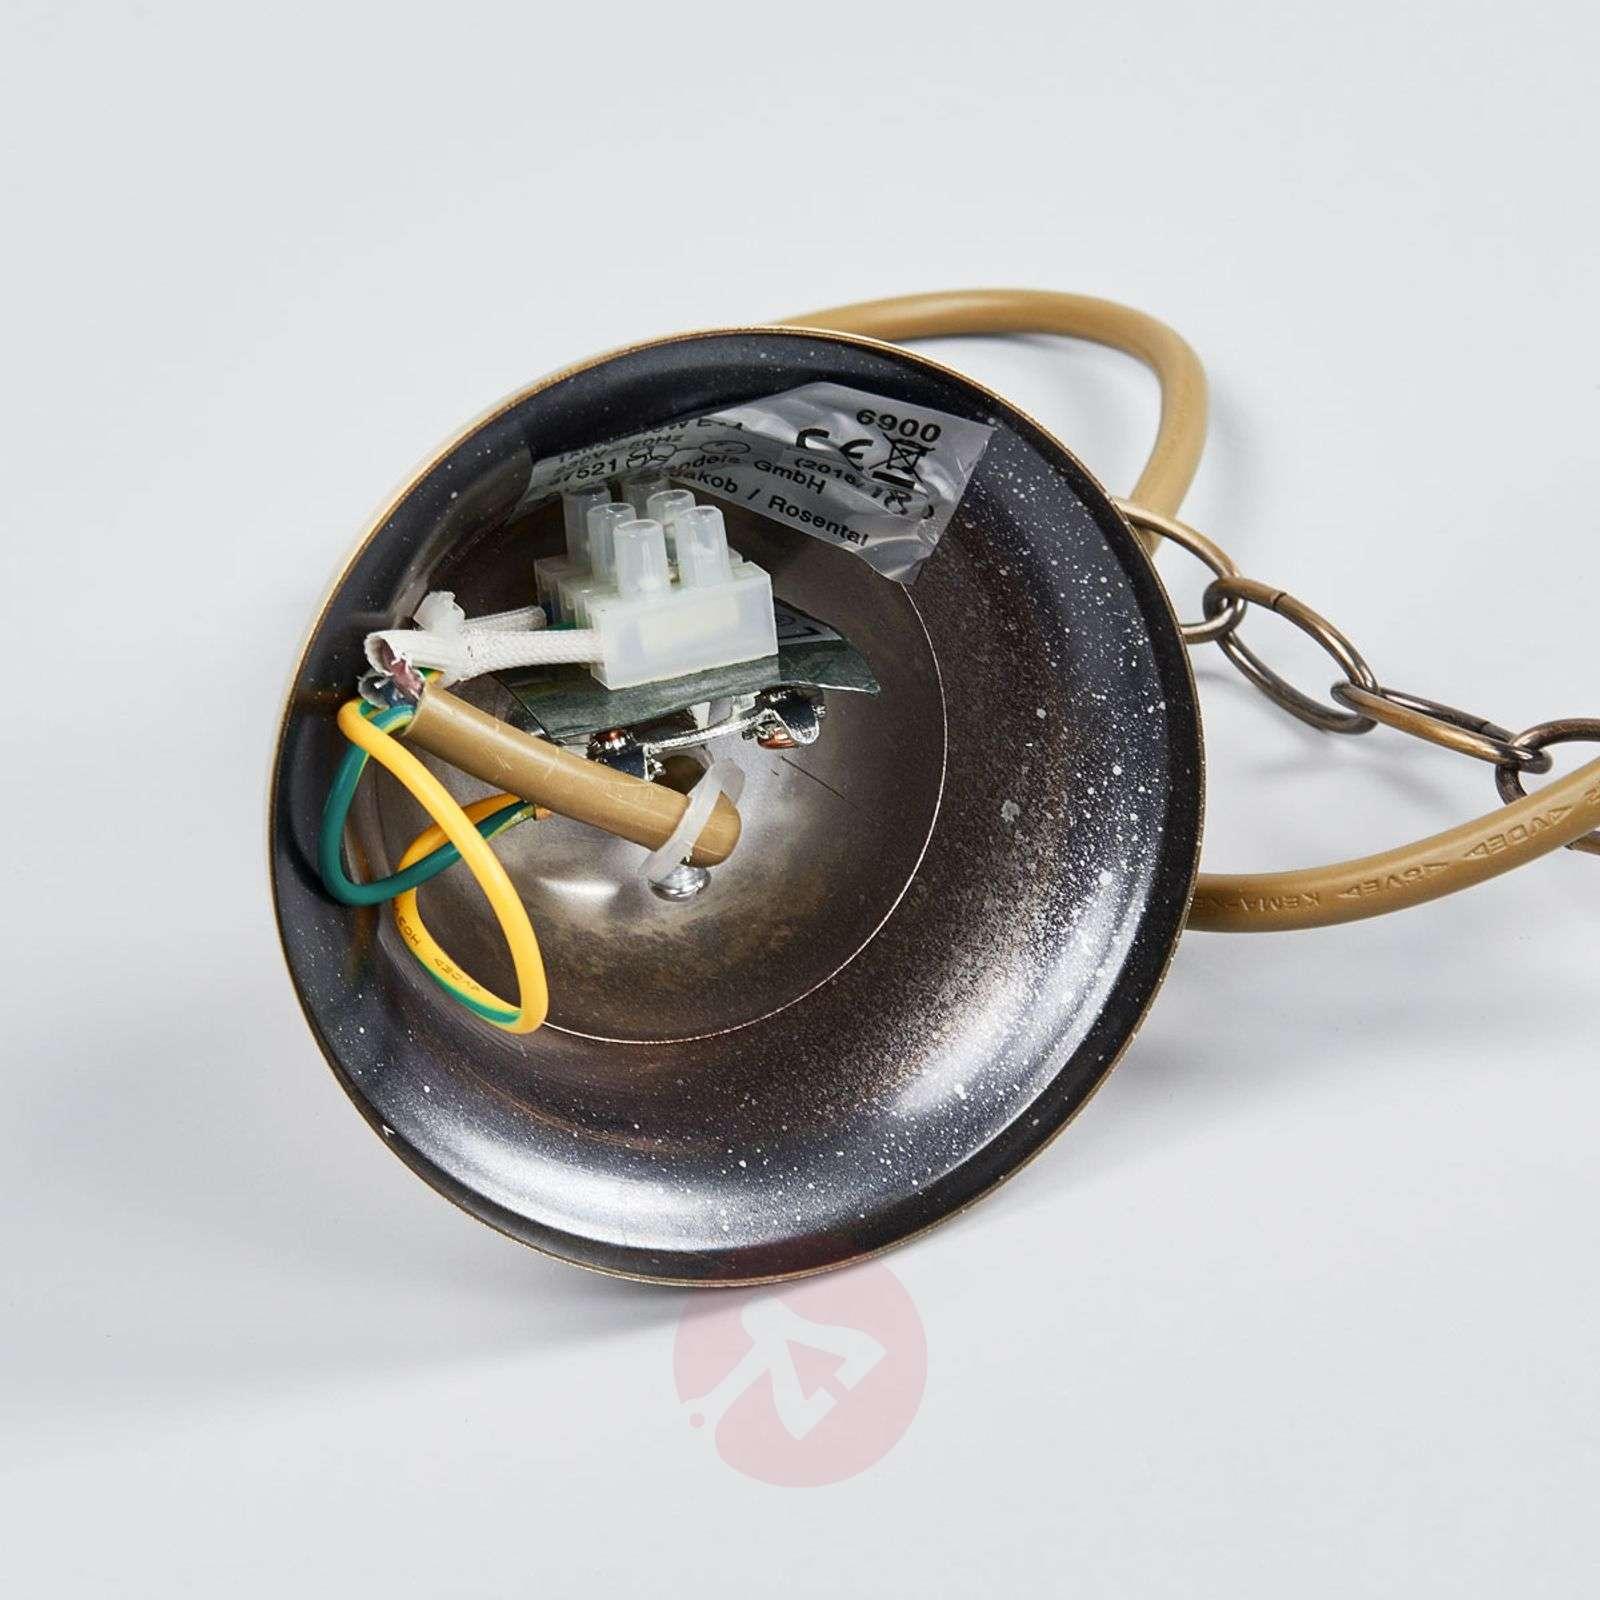 Messinkinen NOSTALGIKA-riippuvalaisin, 1 lamppu-4014355-01